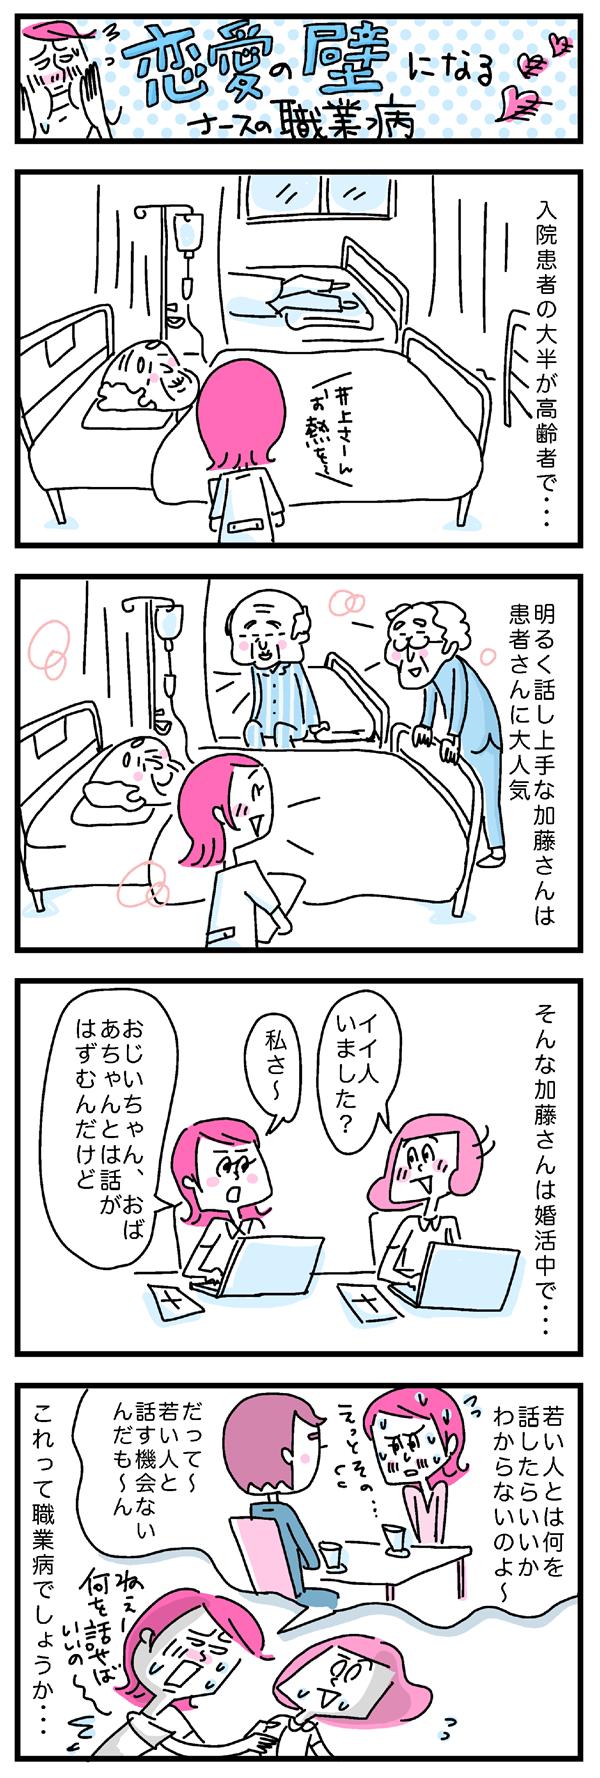 恋愛の壁になるナースの職業病。入院患者の大半が高齢者で…明るく話し上手な加藤さんは患者さんに大人気。そんな加藤さんは婚活中で…。イイ人いました?と聞いてみると「私さ、おじいちゃん、おばあちゃんとは話がはずむんだけど、若い人とは何を話したらいいかわからないのよ~。だって~若い人と話す機会ないんだも~ん」これって職業病でしょうか…